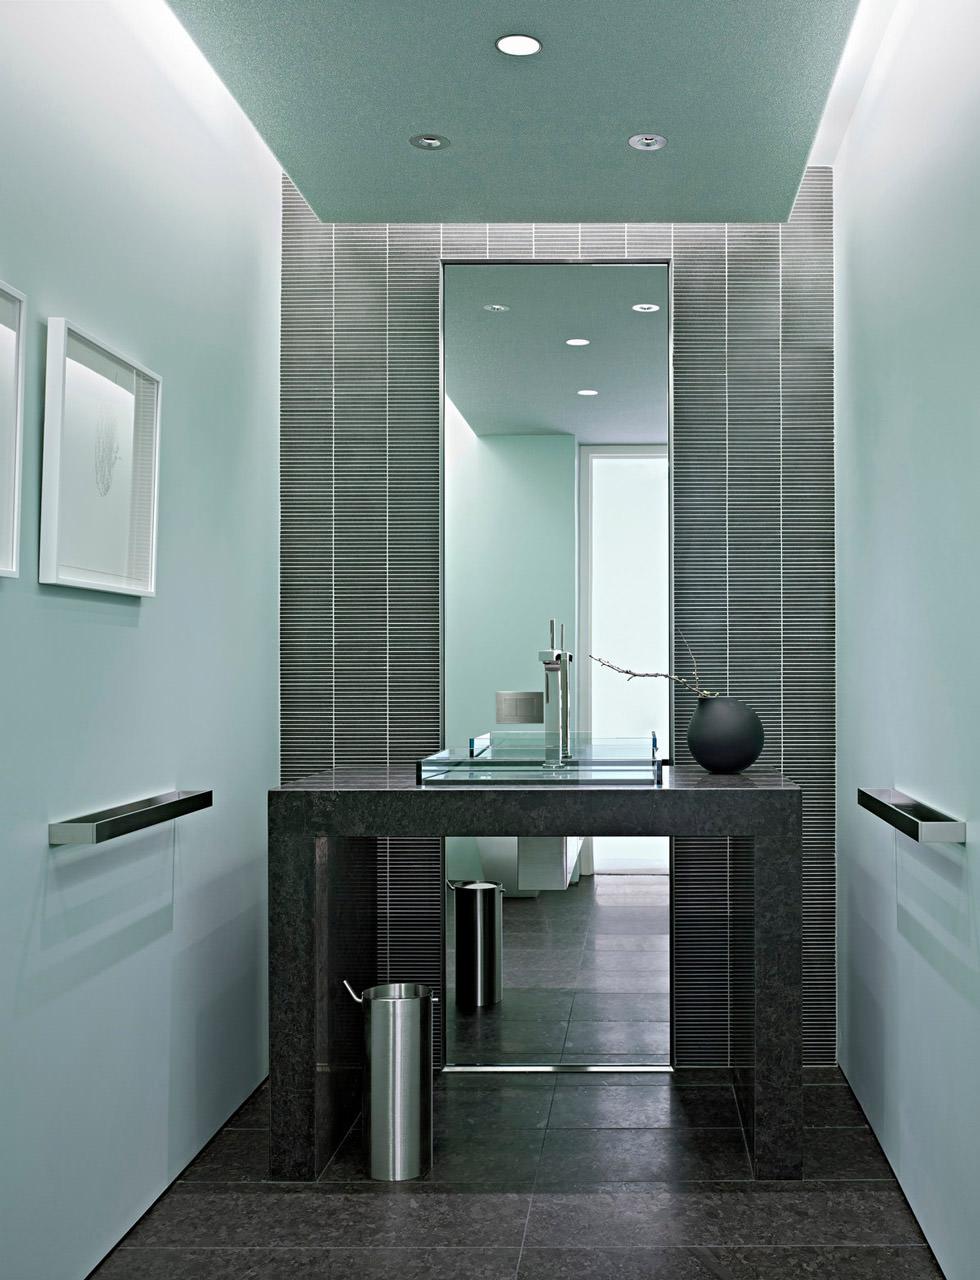 Stanza da letto, mobili, arredamento d'interni, case, forma. Imbiancare Casa Colori Di Tendenza Per Ogni Stanza Idee Colore Pareti Per Tinteggiare Casa Start Preventivi